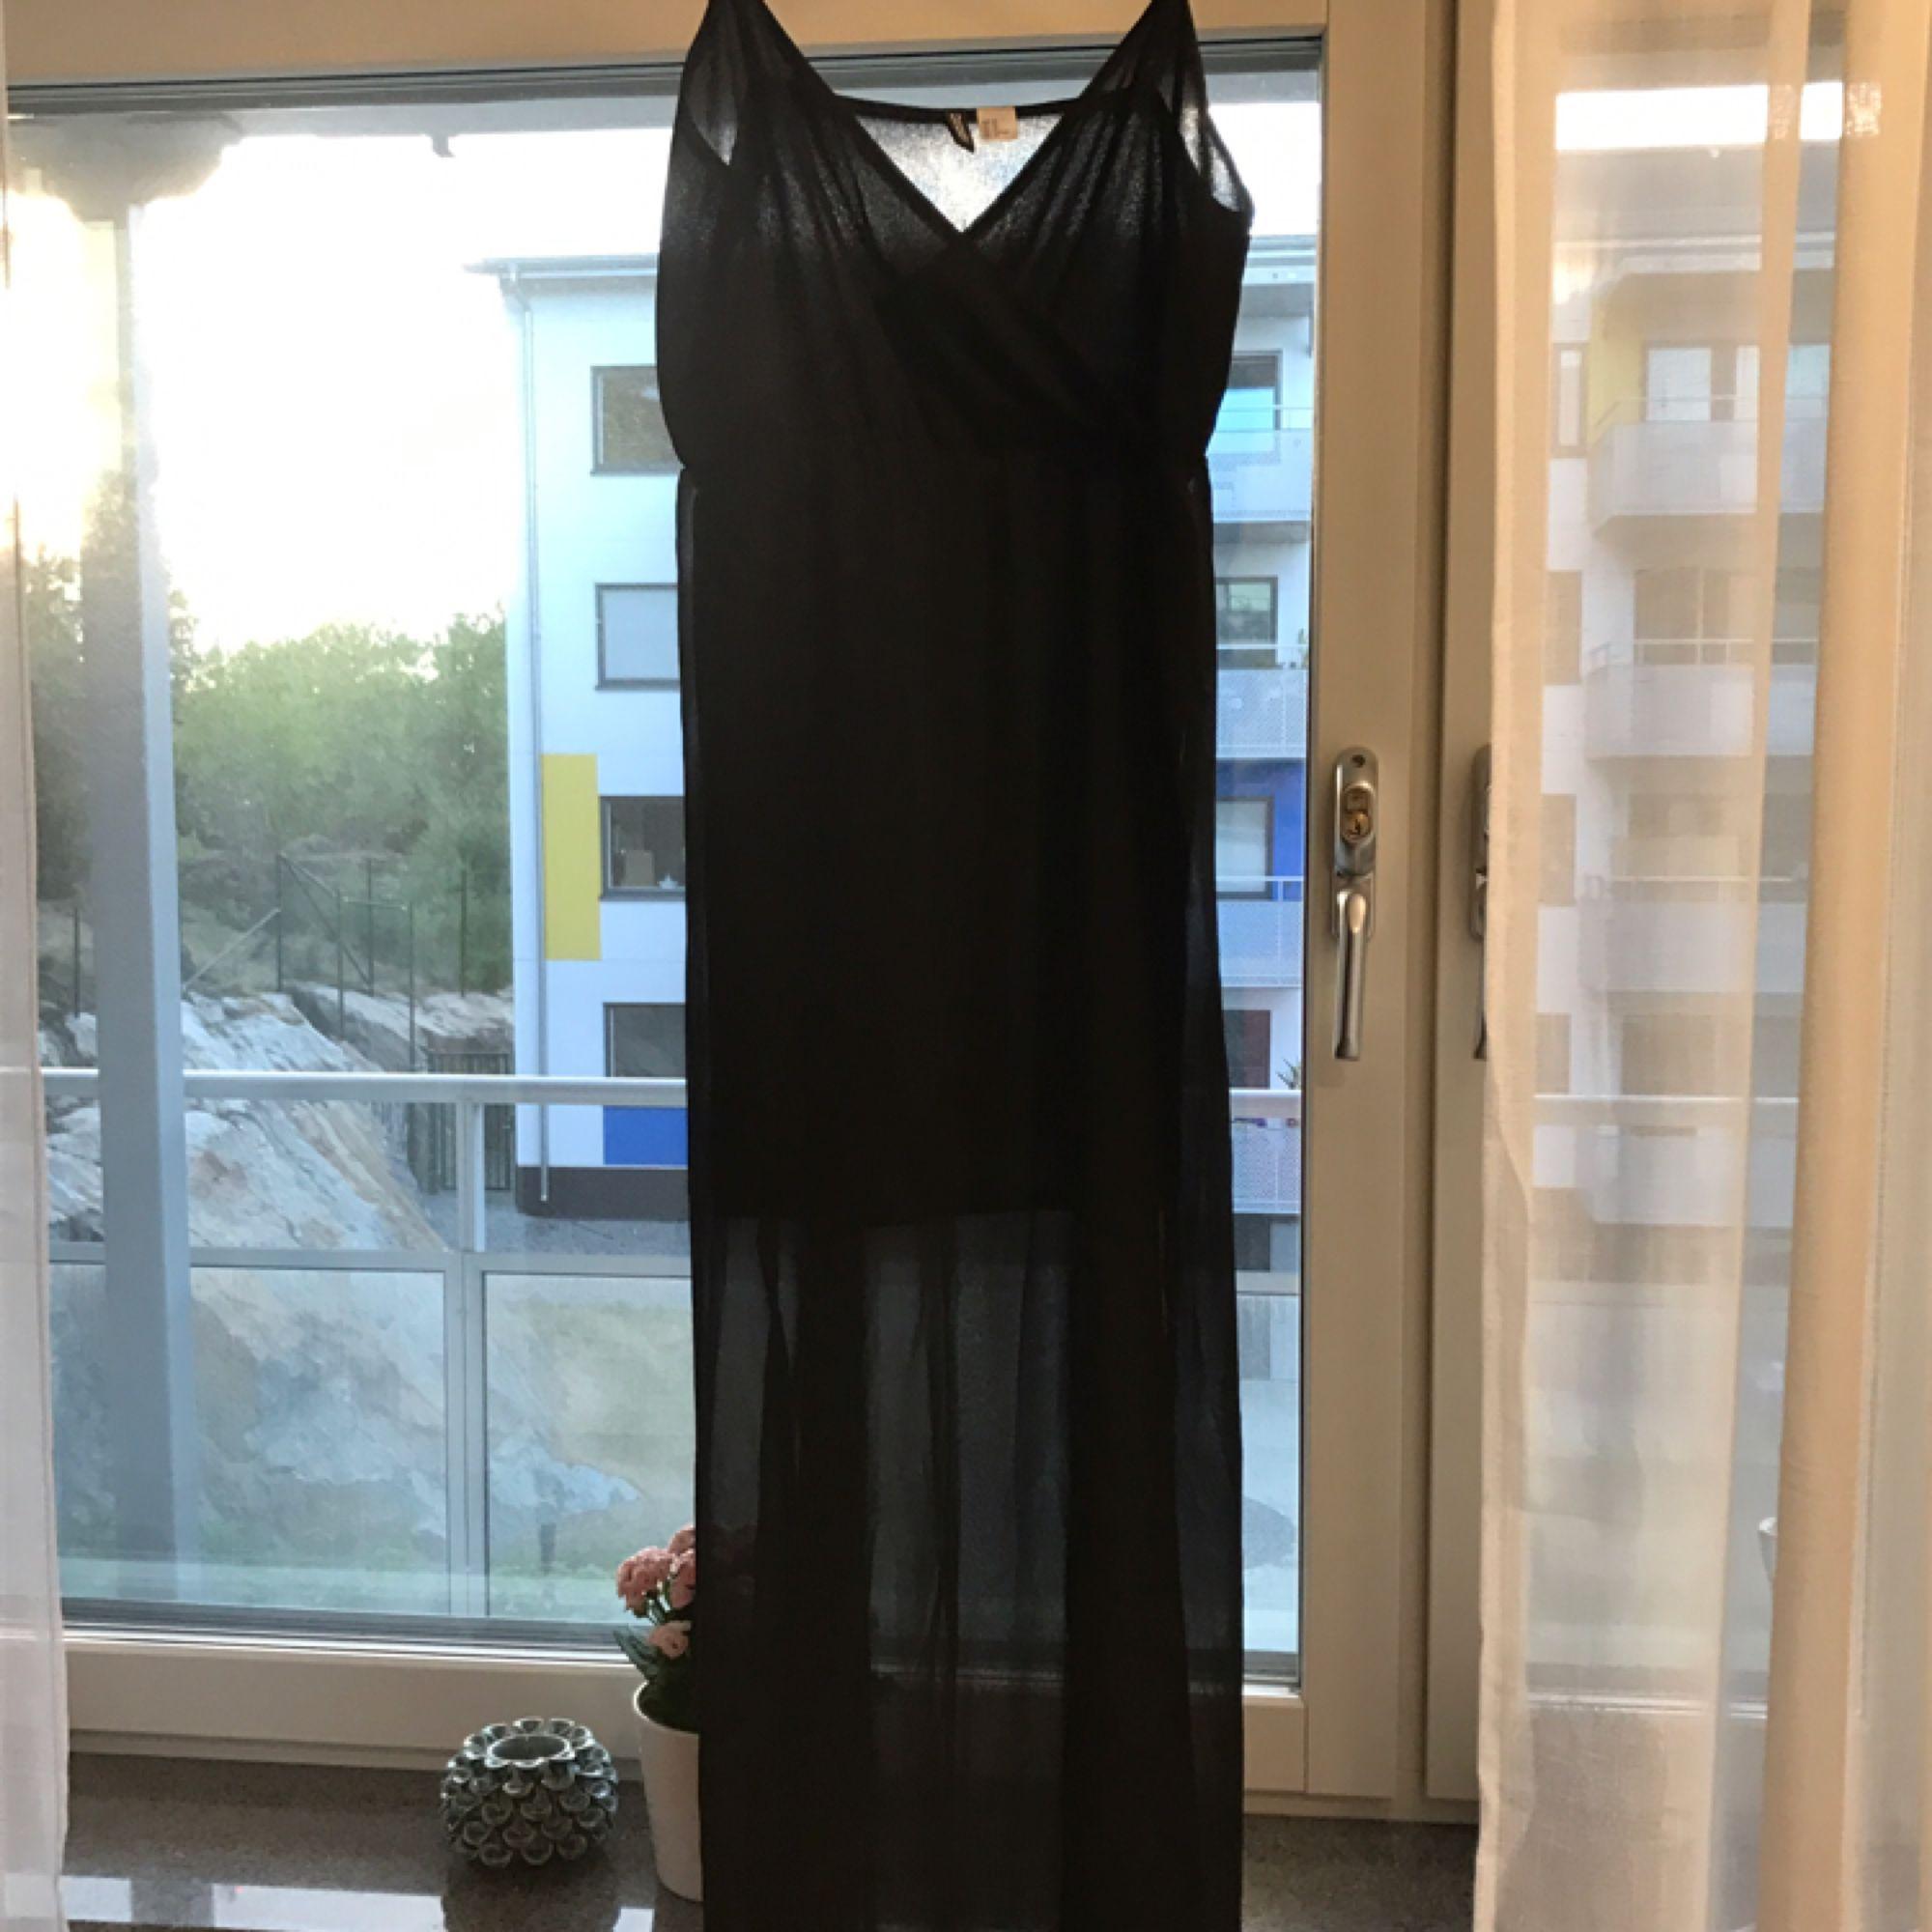 Super snygg svart klänning. Svart transparent tyg ytterst och en kortare inner klänning under så att man inte ser igenom. Väldigt fin och elegant! Sparsamt använd, 1-2 gånger. Lös i passformen. Köparen står för eventuell frakt. . Klänningar.